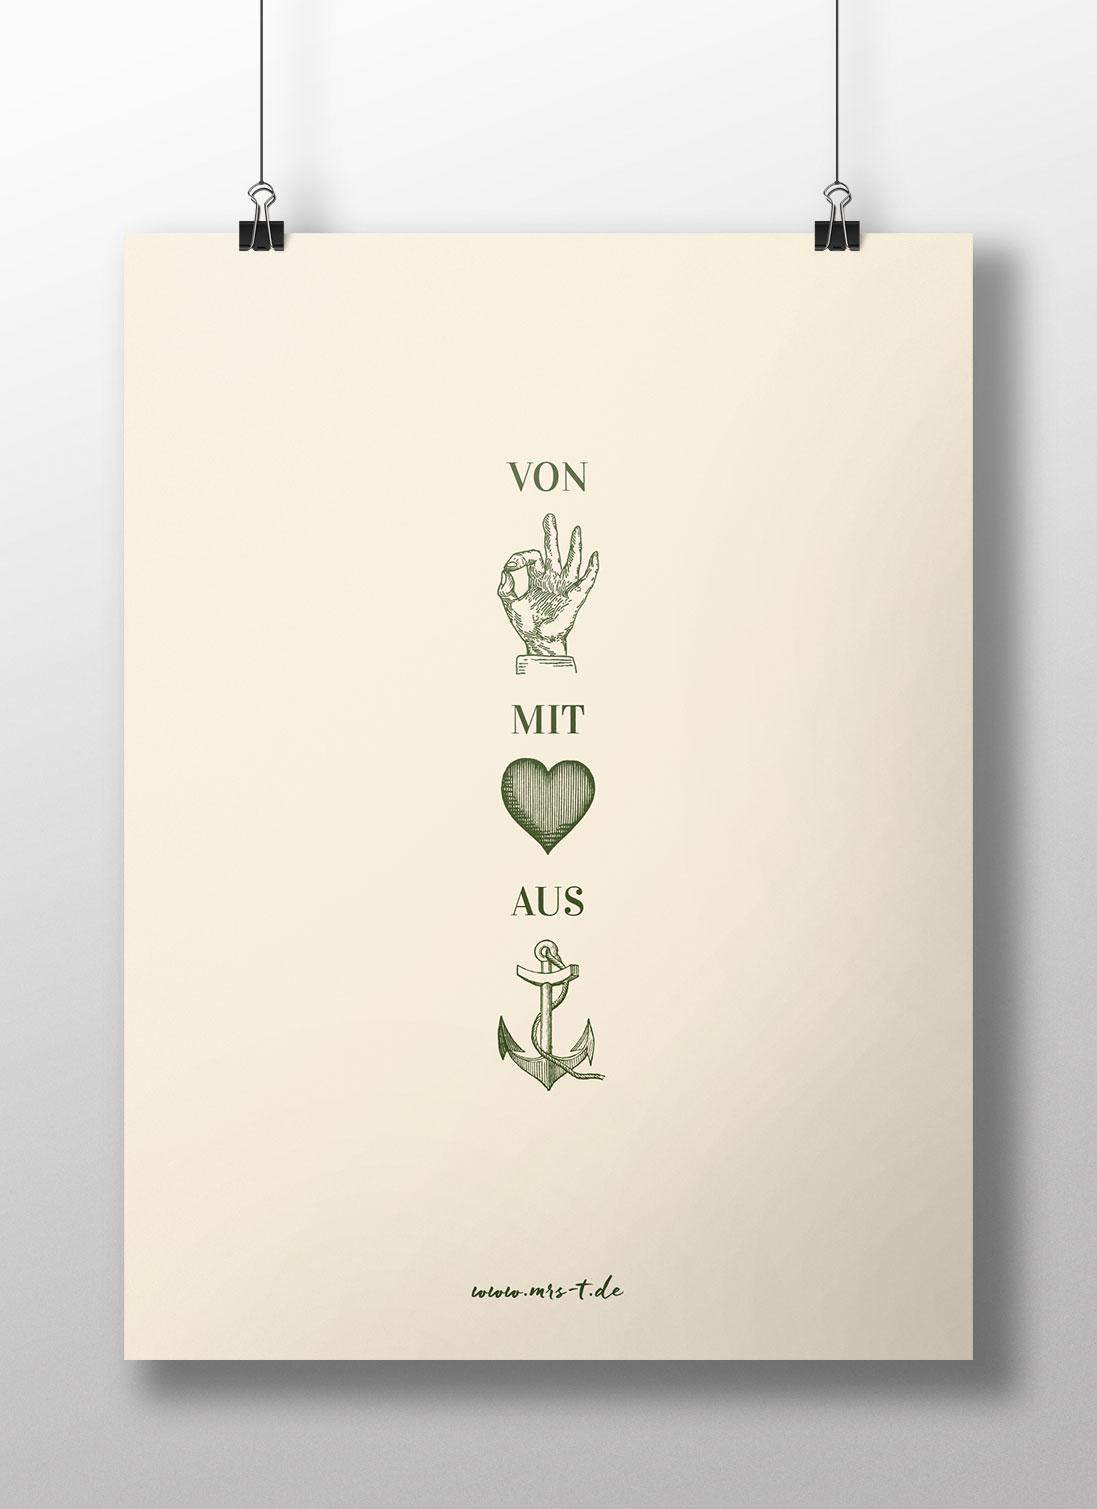 Poster-Mockup_von_Hand